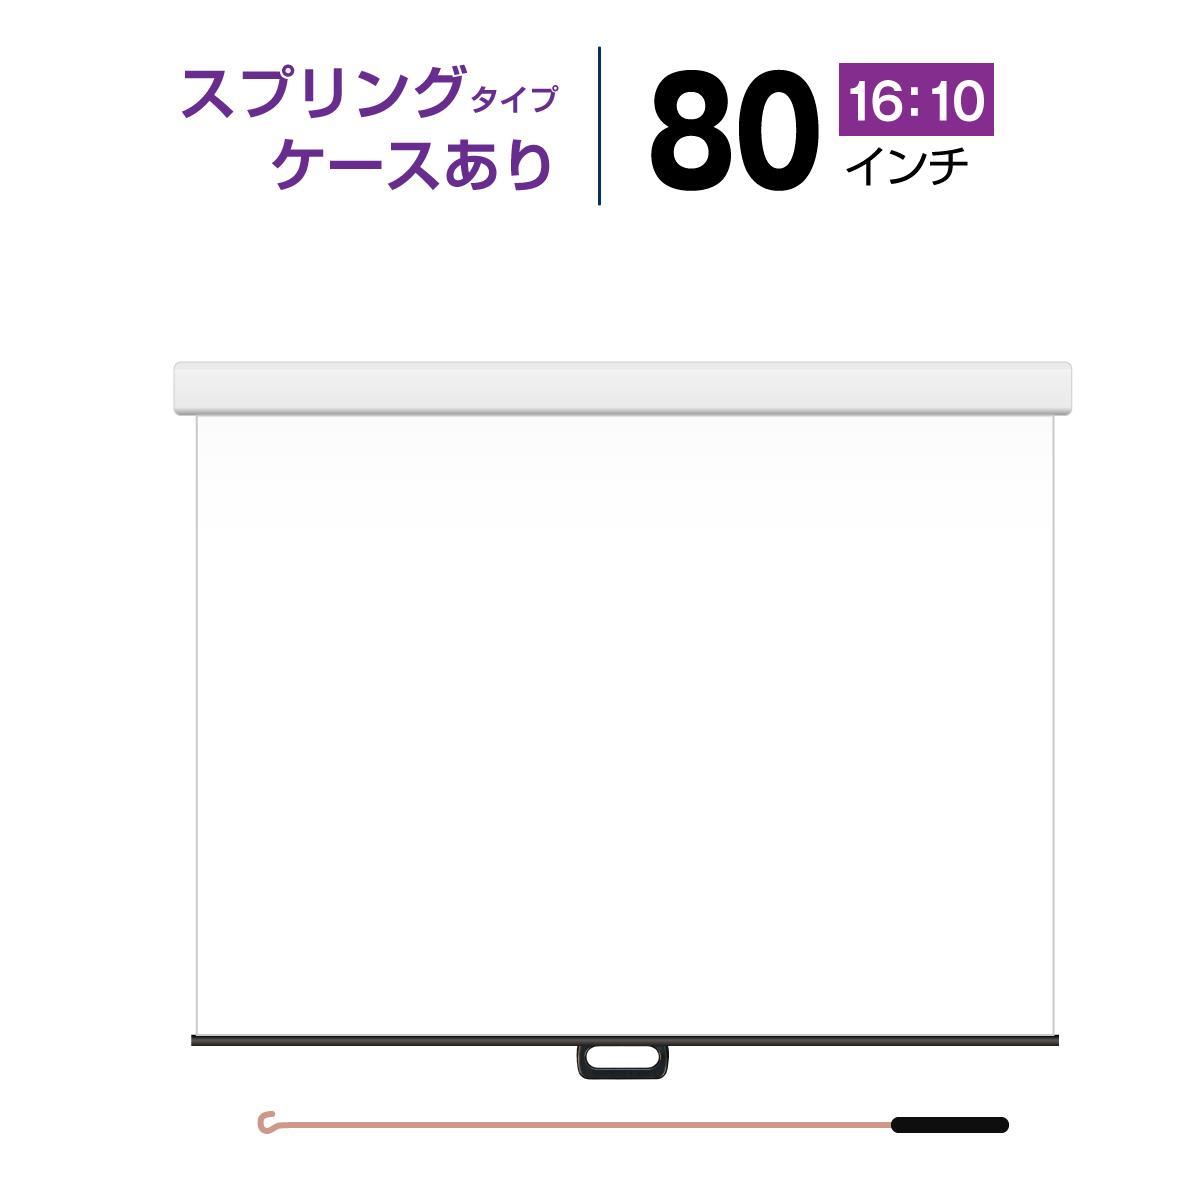 プロジェクタースクリーン 【業界初!!10年保証/送料無料】 スプリングスクリーン ケースあり 80インチ(16:10)WXGA マスクフリー WCS1723FEH